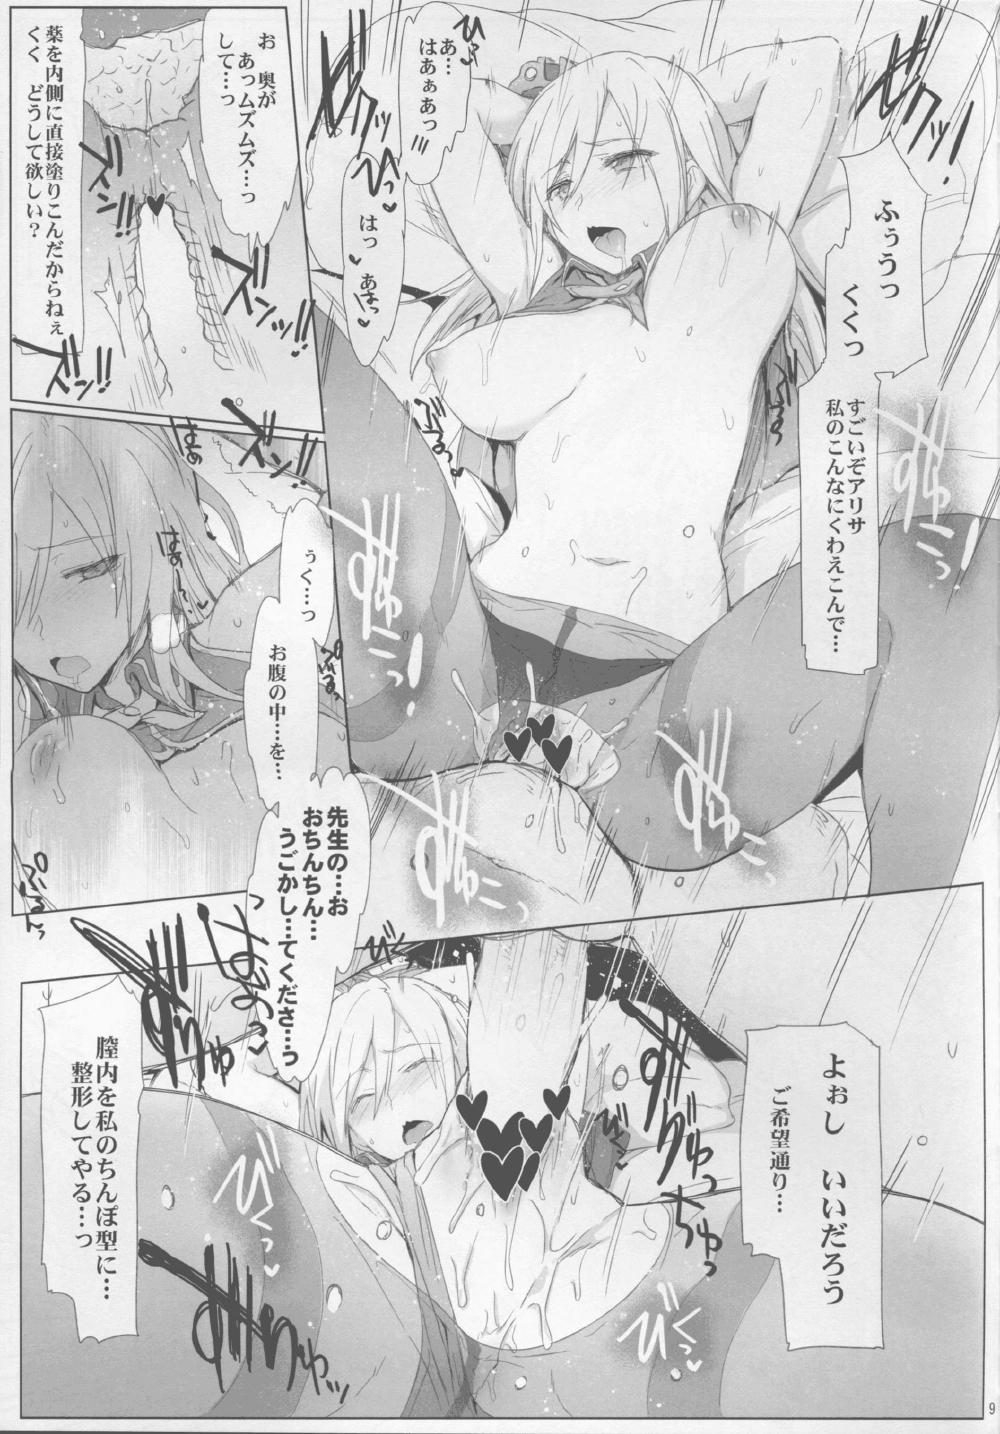 【エロ漫画】診察するんだから先生の言うとおりにするのは当然だろ?子宮にチンポ打ち付けるから尻だせよww